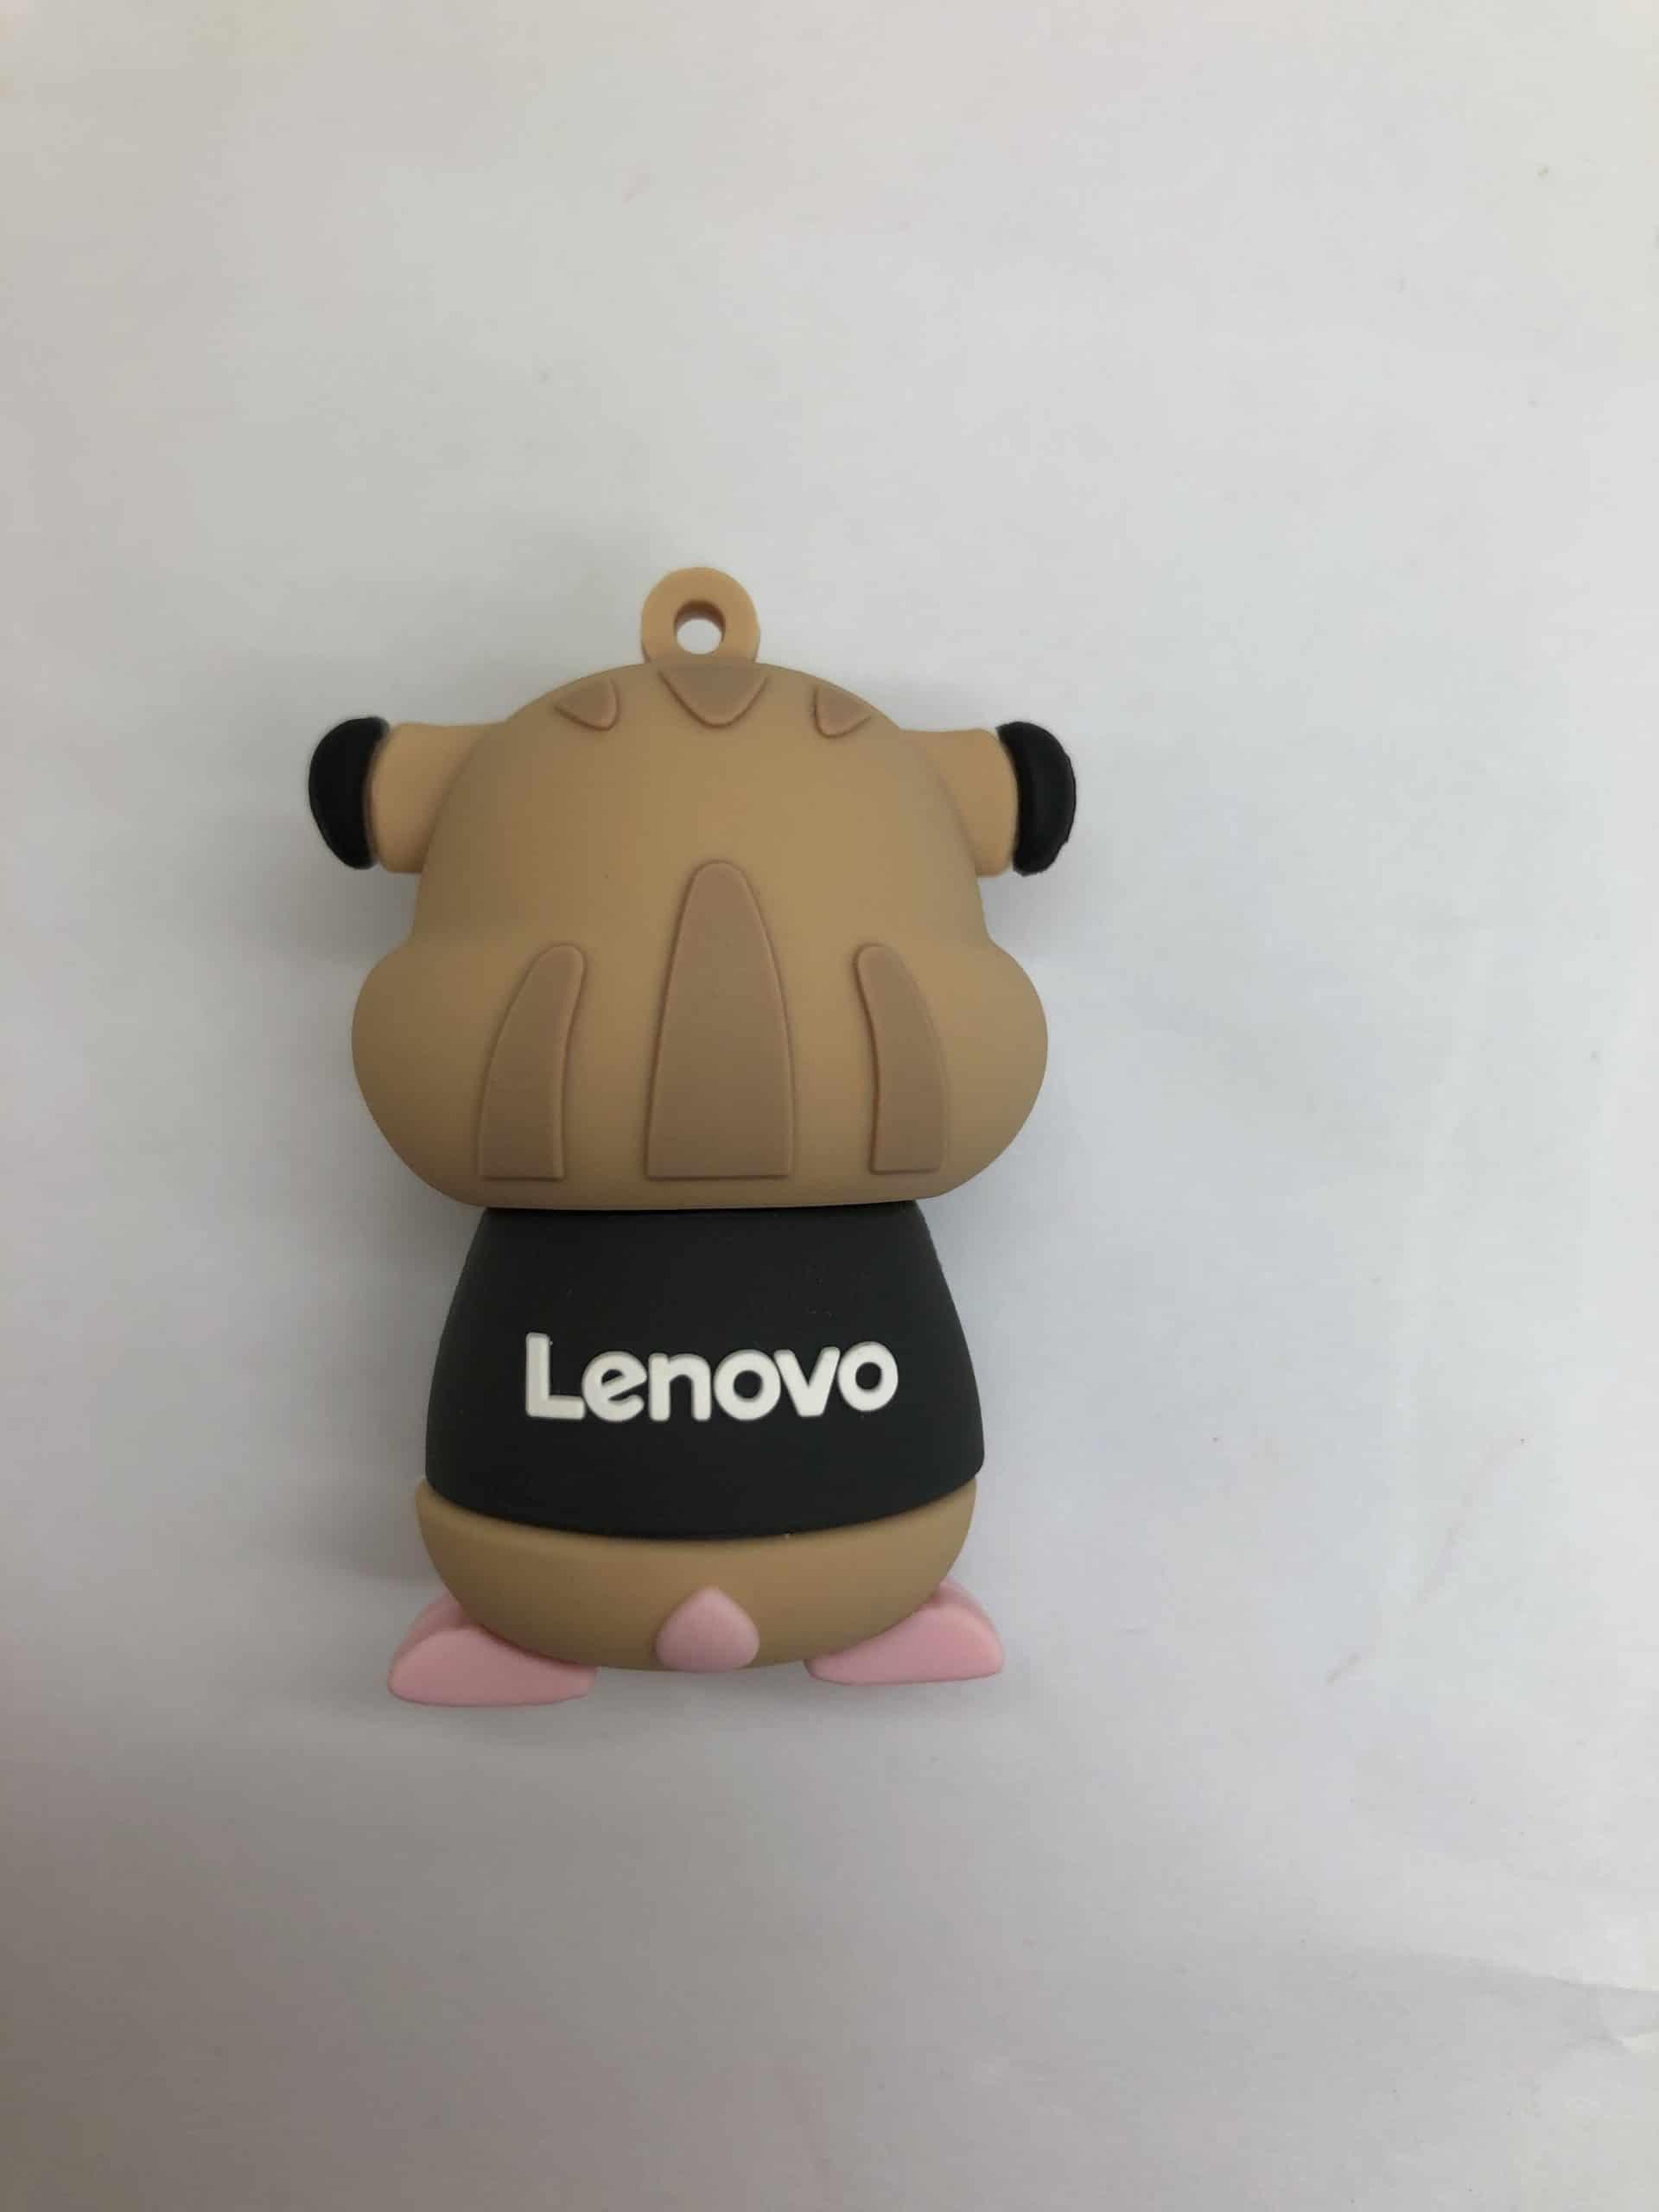 แฟลชไดร์ฟยางหยอด Lenovo